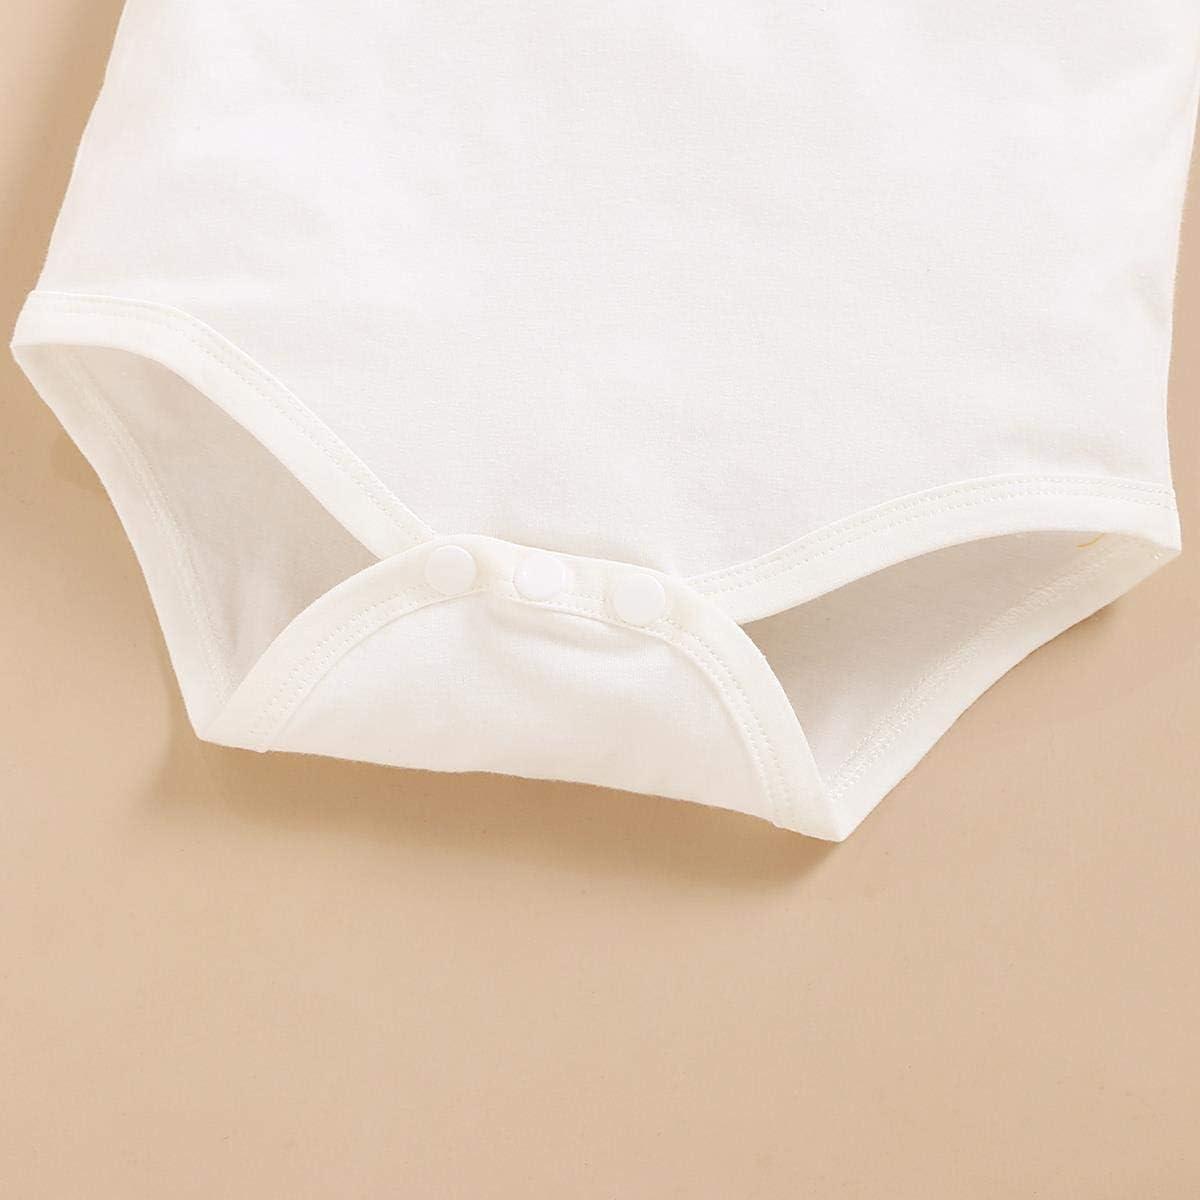 FYMNSI Baby S/äugling M/ädchen Sommer Bekleidungsset Herzform /Ärmellos Top T Shirt Shorts mit Stirnband 3tlg Sommer Kleidung Set f/ür 0-24 Monate